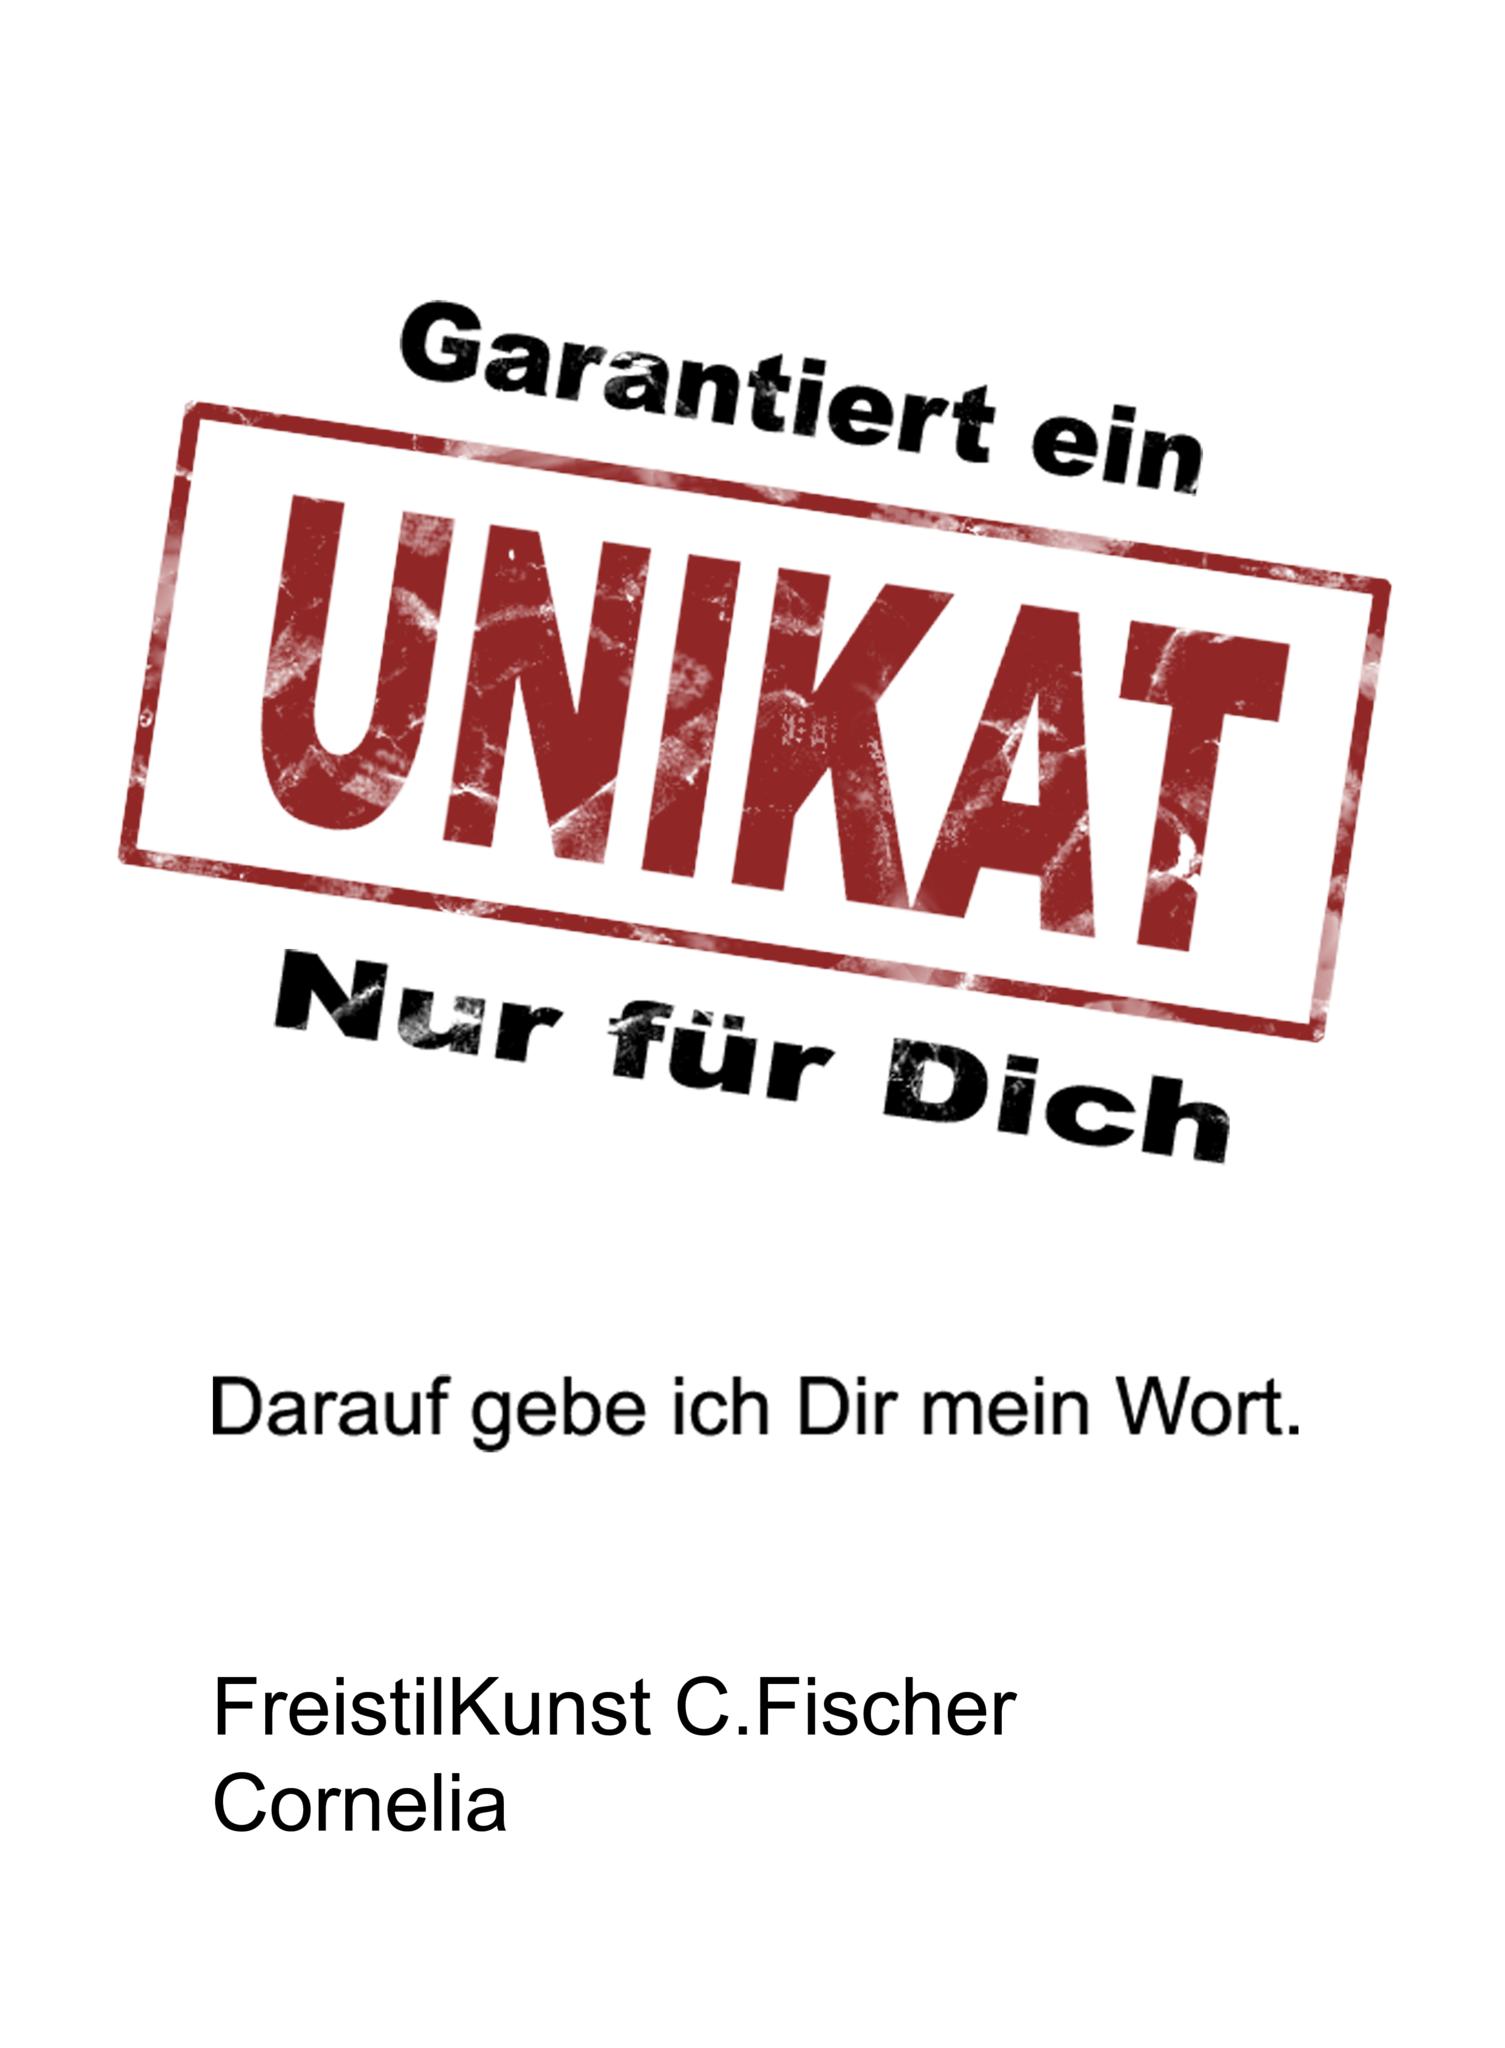 C.Fischer geniale Ledersandalen 'Innere Kraft'